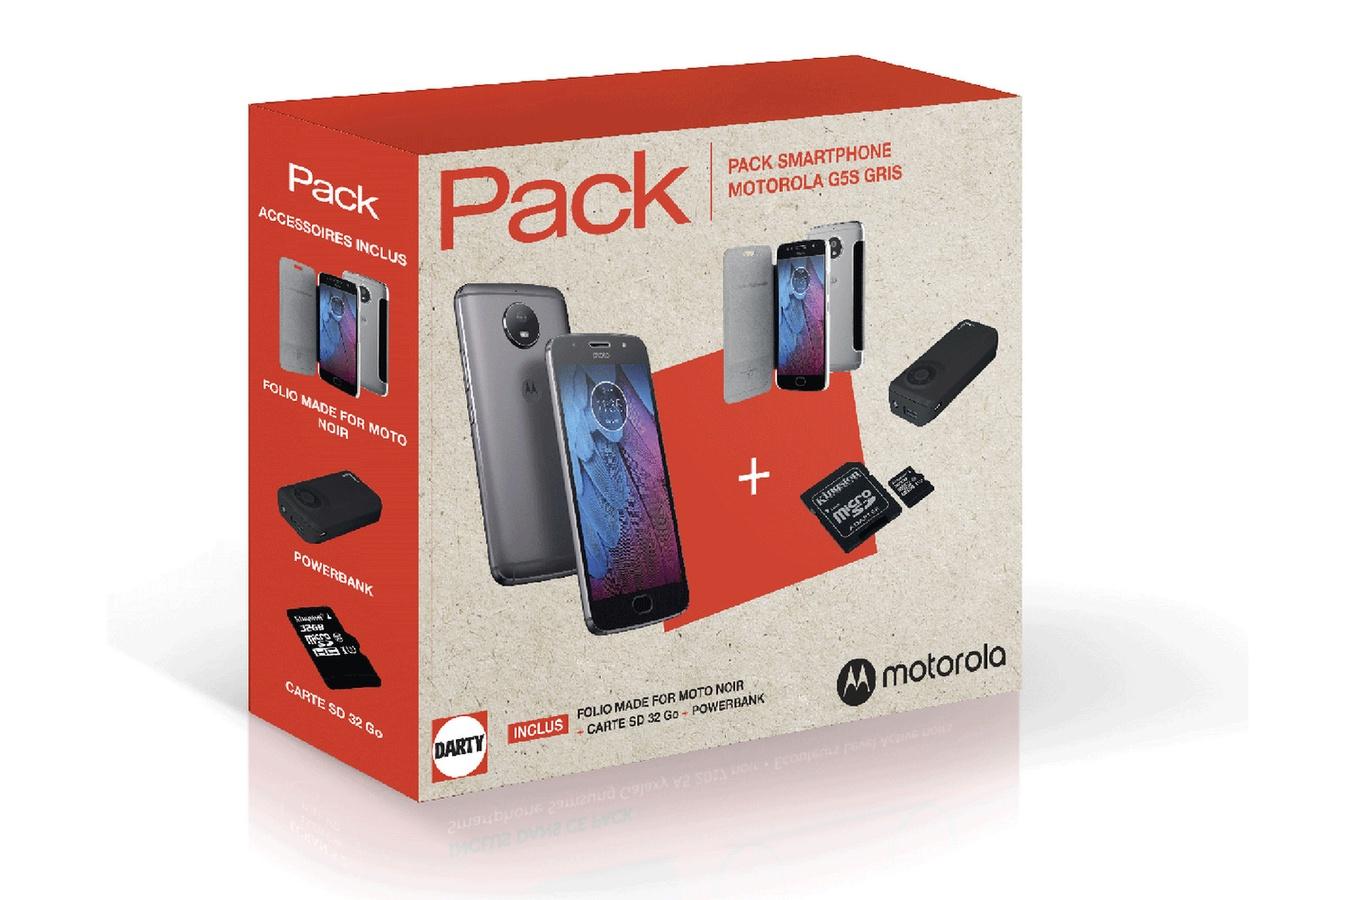 🔥 Bon plan : le pack Motorola G5S est à 219 euros au lieu de 309 euros